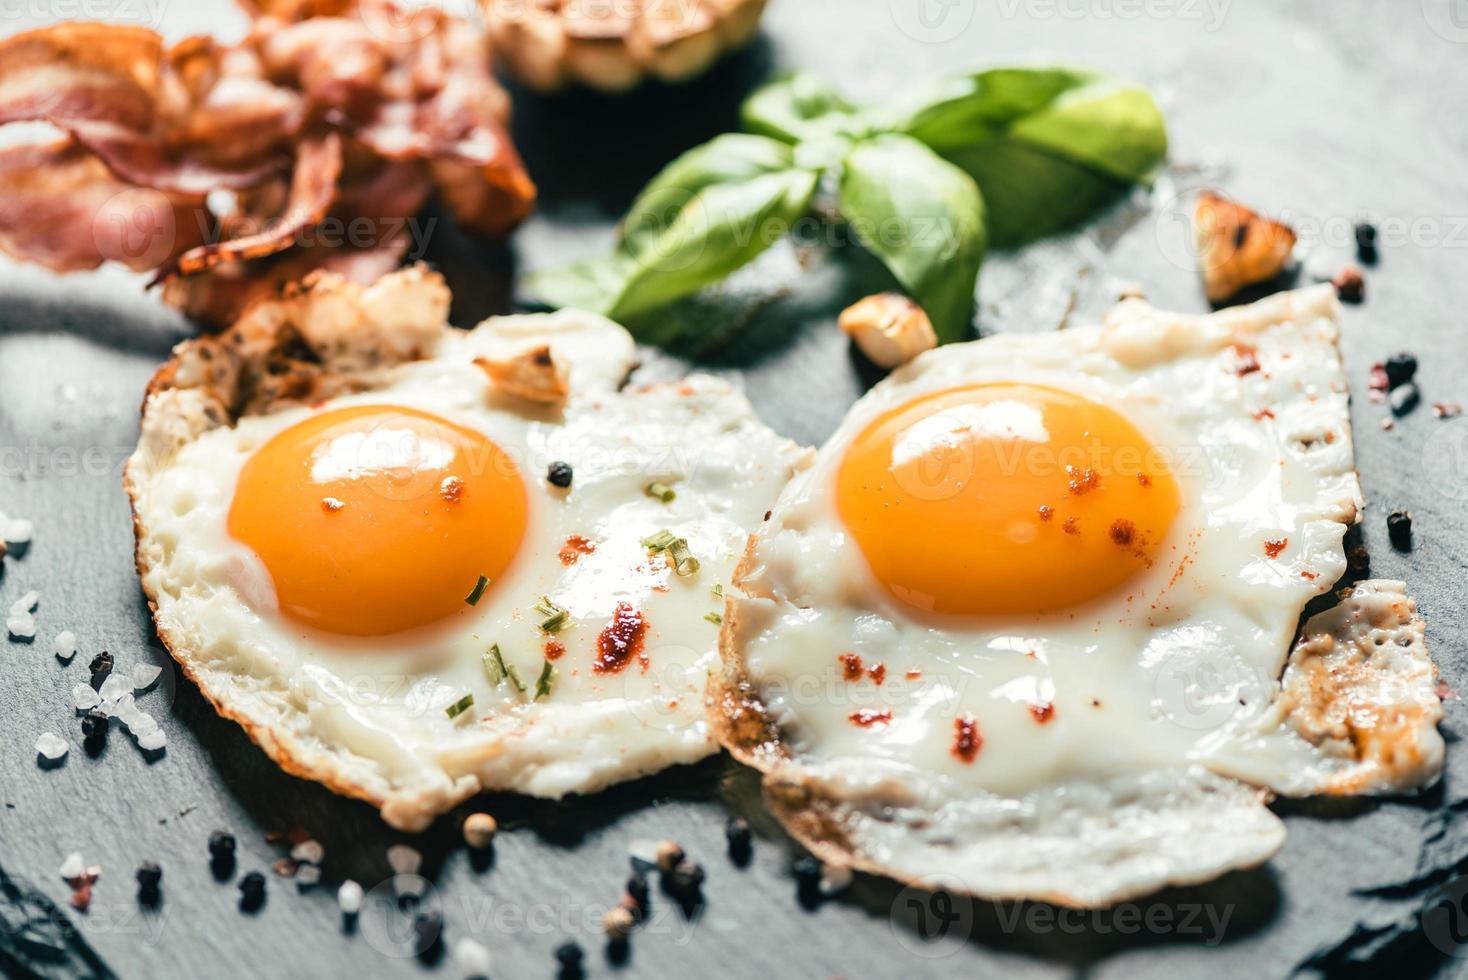 servite uova fritte foto